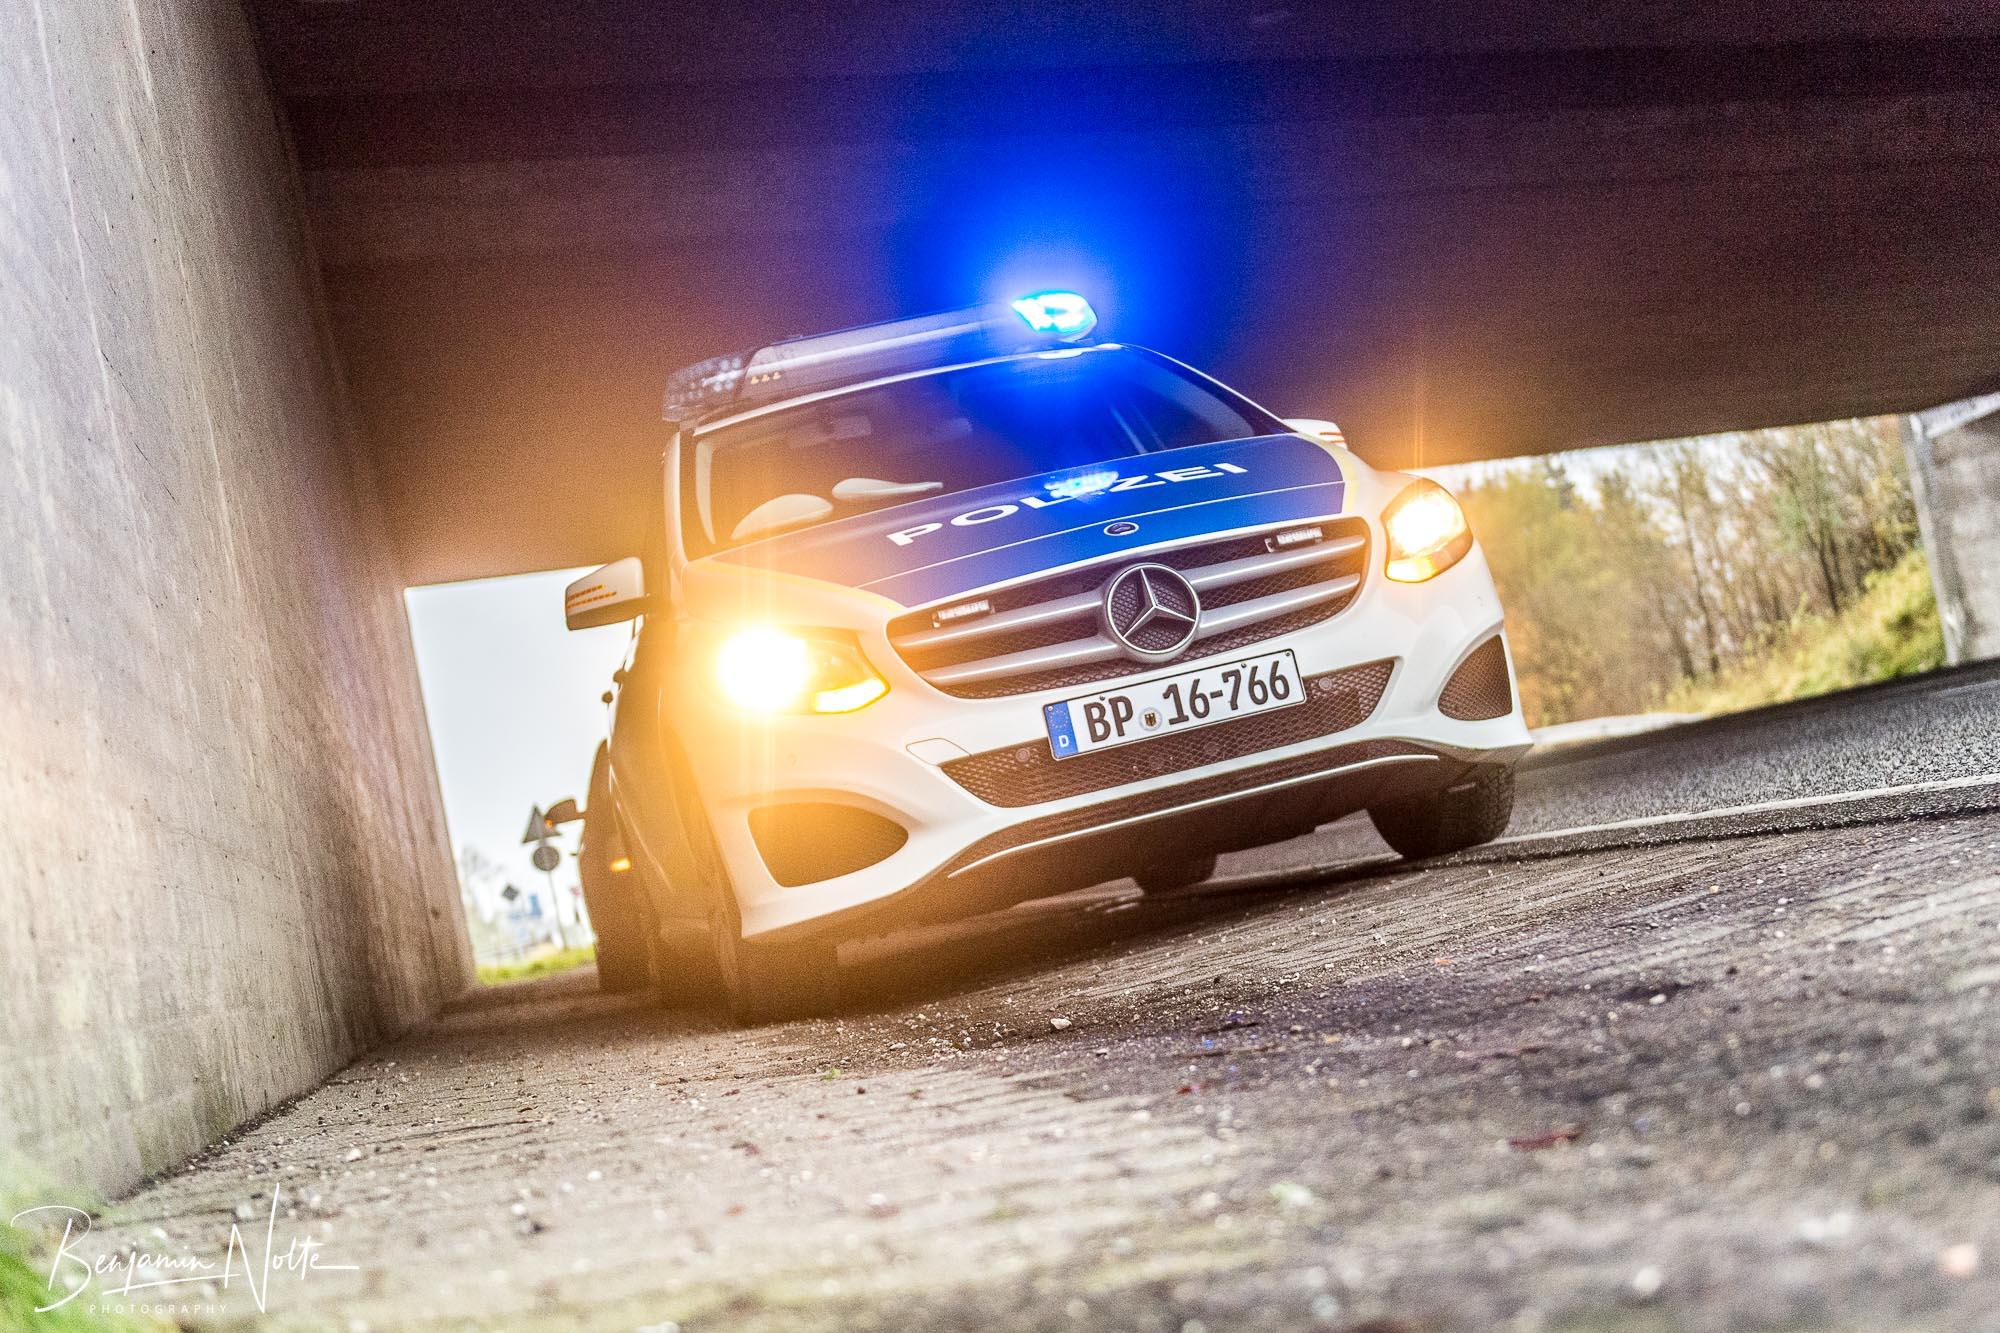 Bundespolizei_Flensburg_004